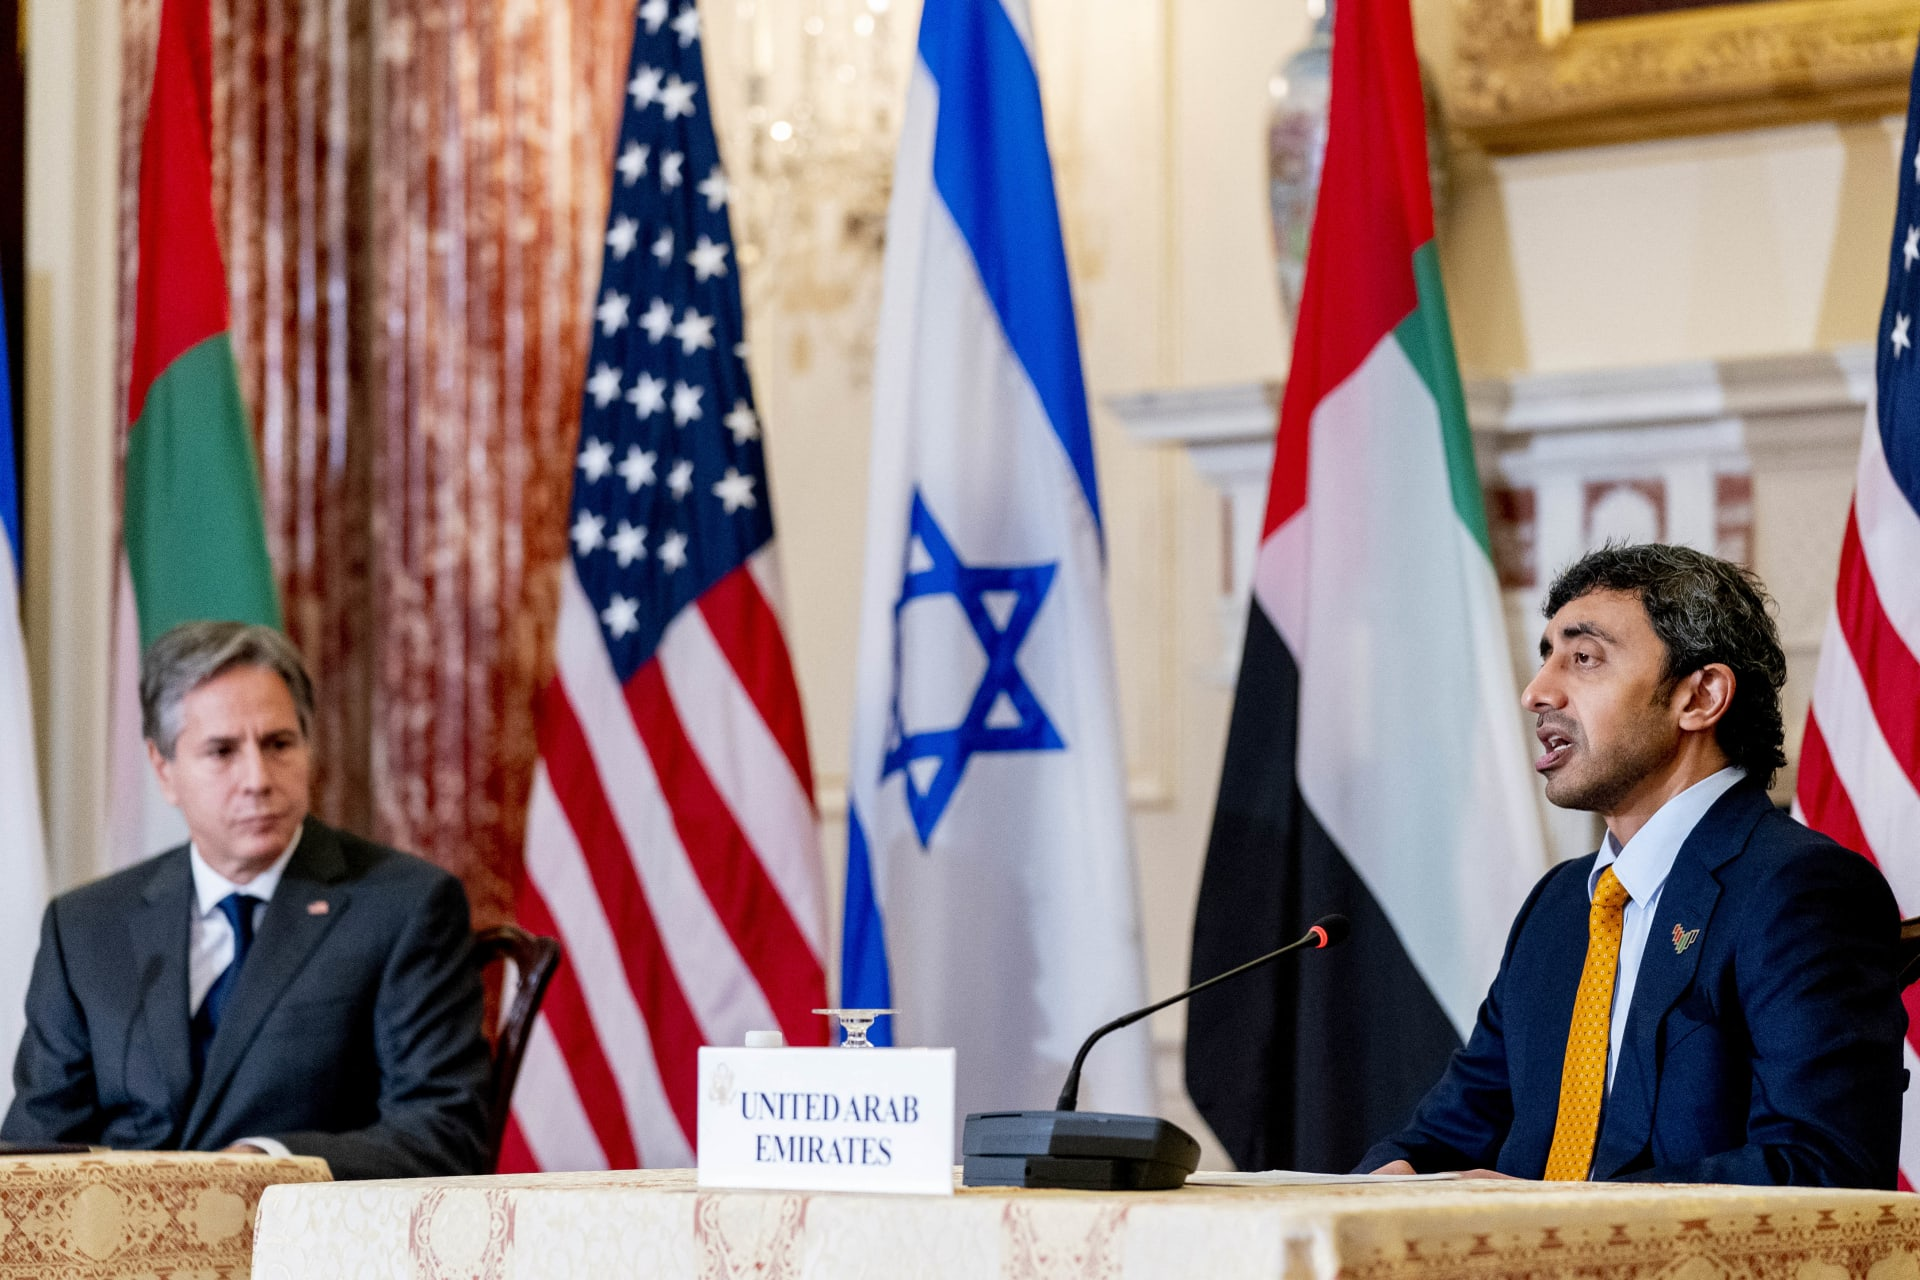 وزير الخارجية الإماراتي، الشيخ عبدالله بن زايد